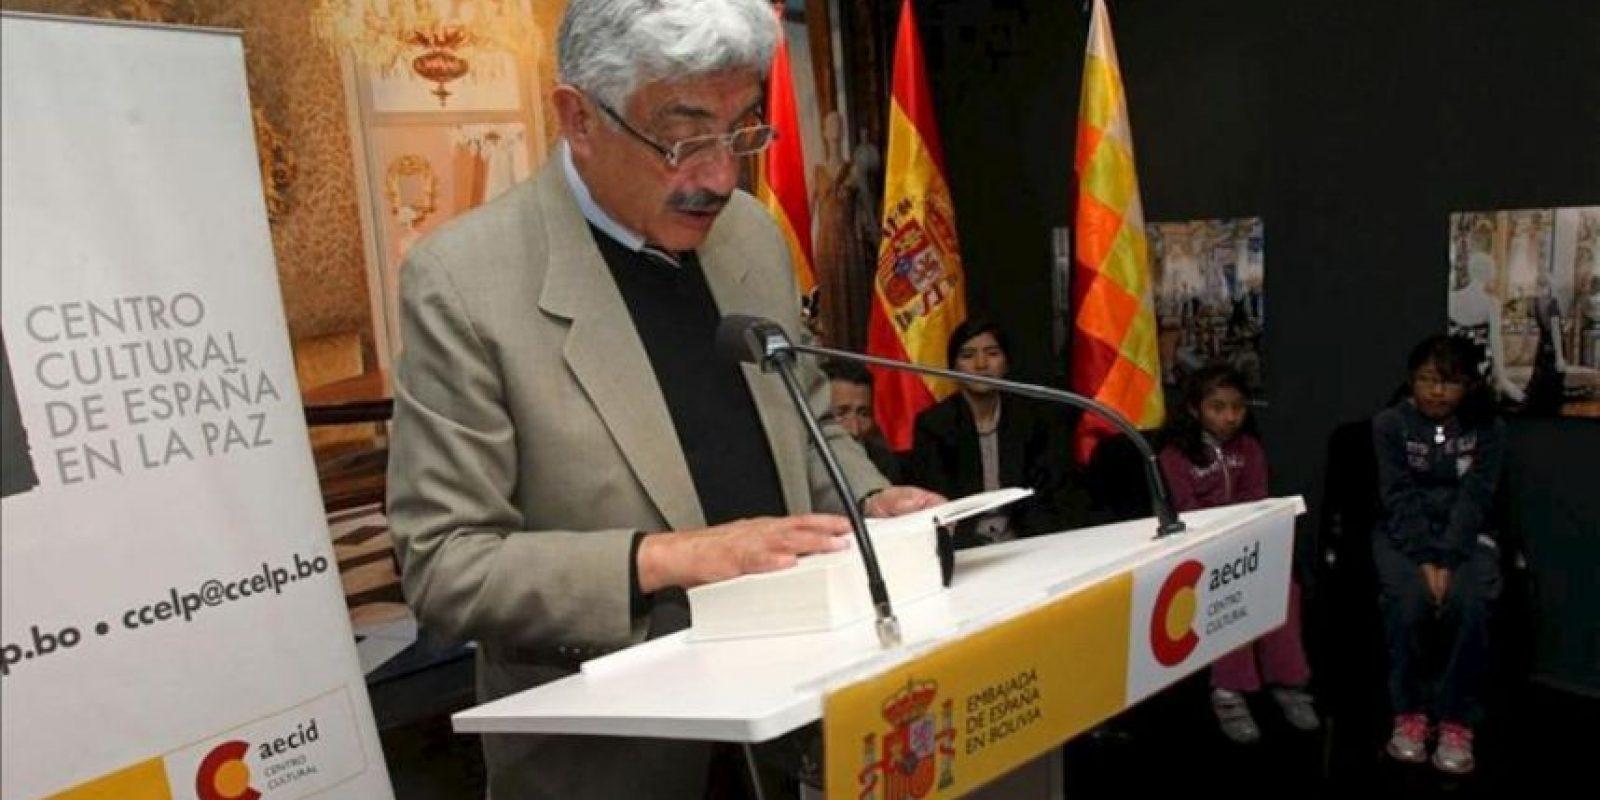 """El historiador boliviano Fernando Cajías (i) lee un pasaje de la universal obra cervantina """"Don Quijote de la Mancha"""" en el recién estrenado Centro Cultural de España en La Paz, durante un evento en el marco del Día Internacional del Libro. EFE"""